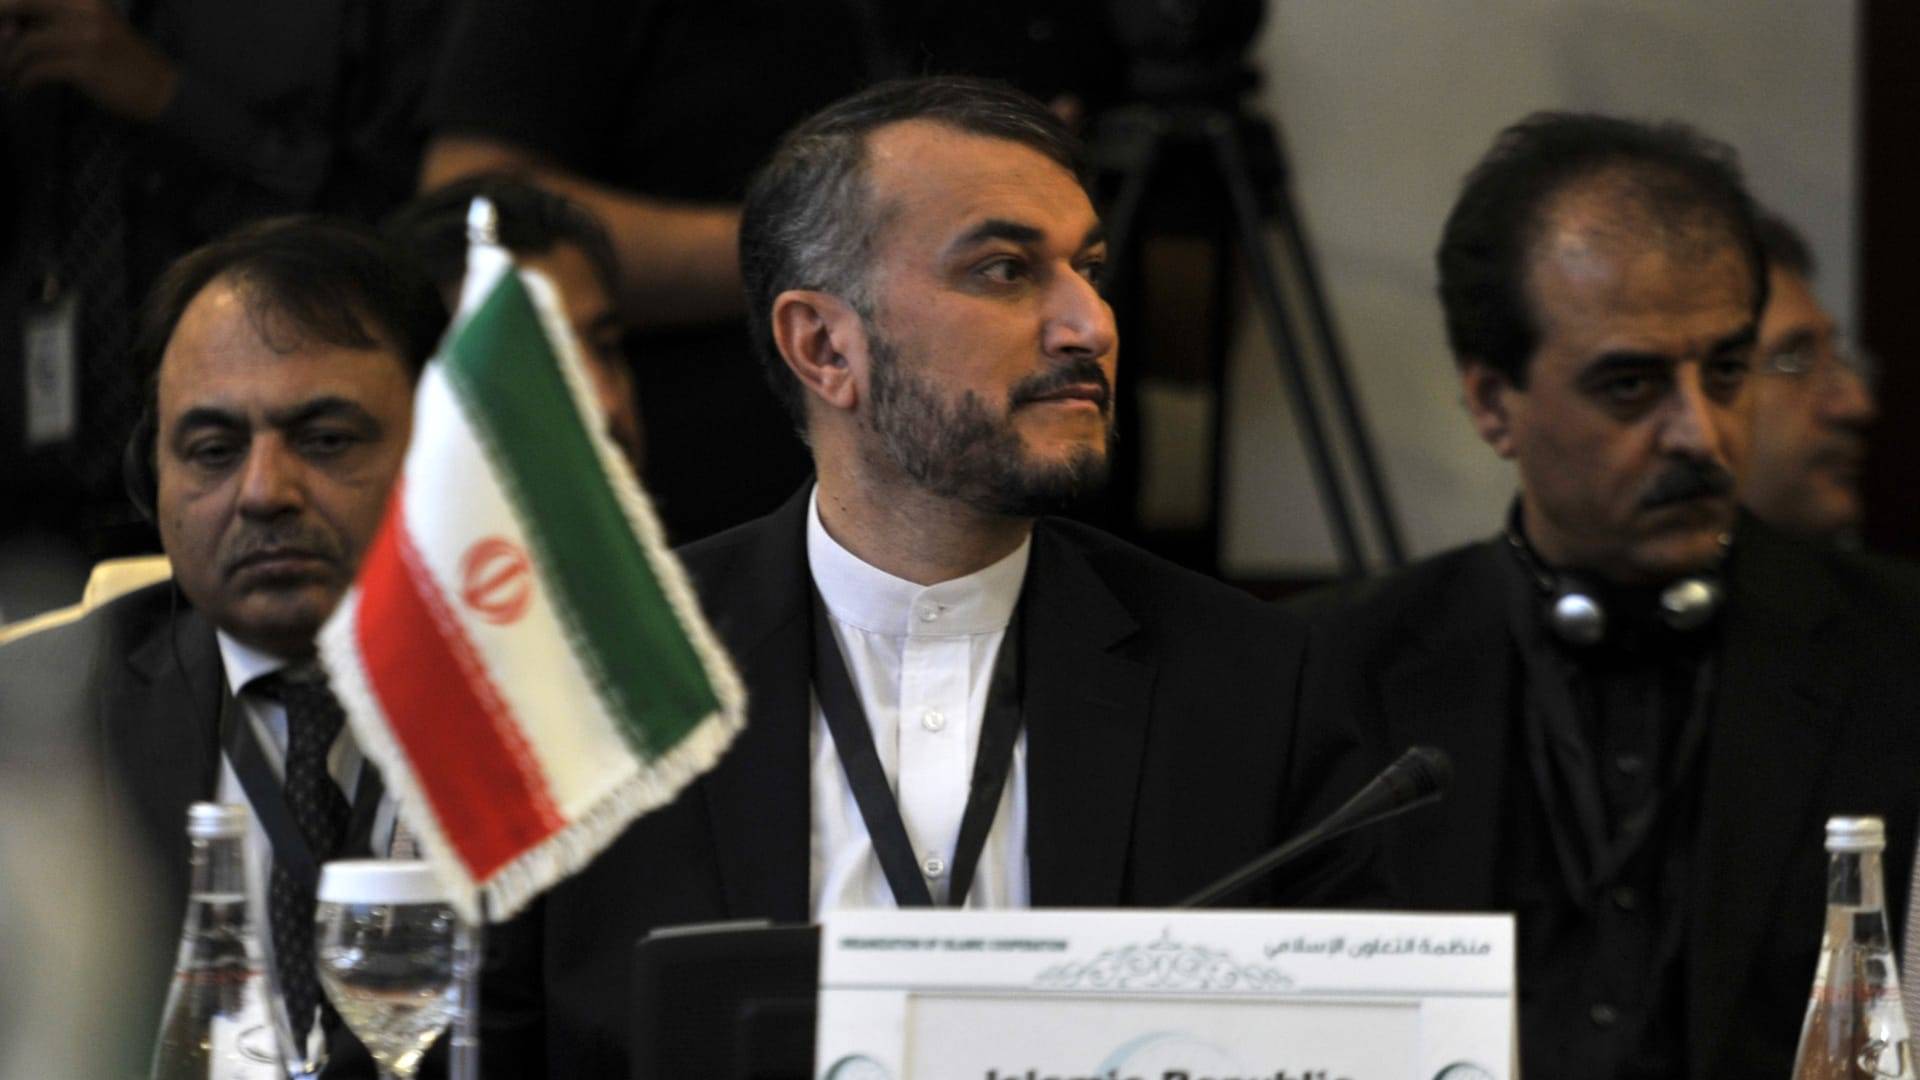 """وزير الخارجية الإيراني: إيران مستعدة للعودة إلى المفاوضات النووية """"قريبًا جدًا"""""""